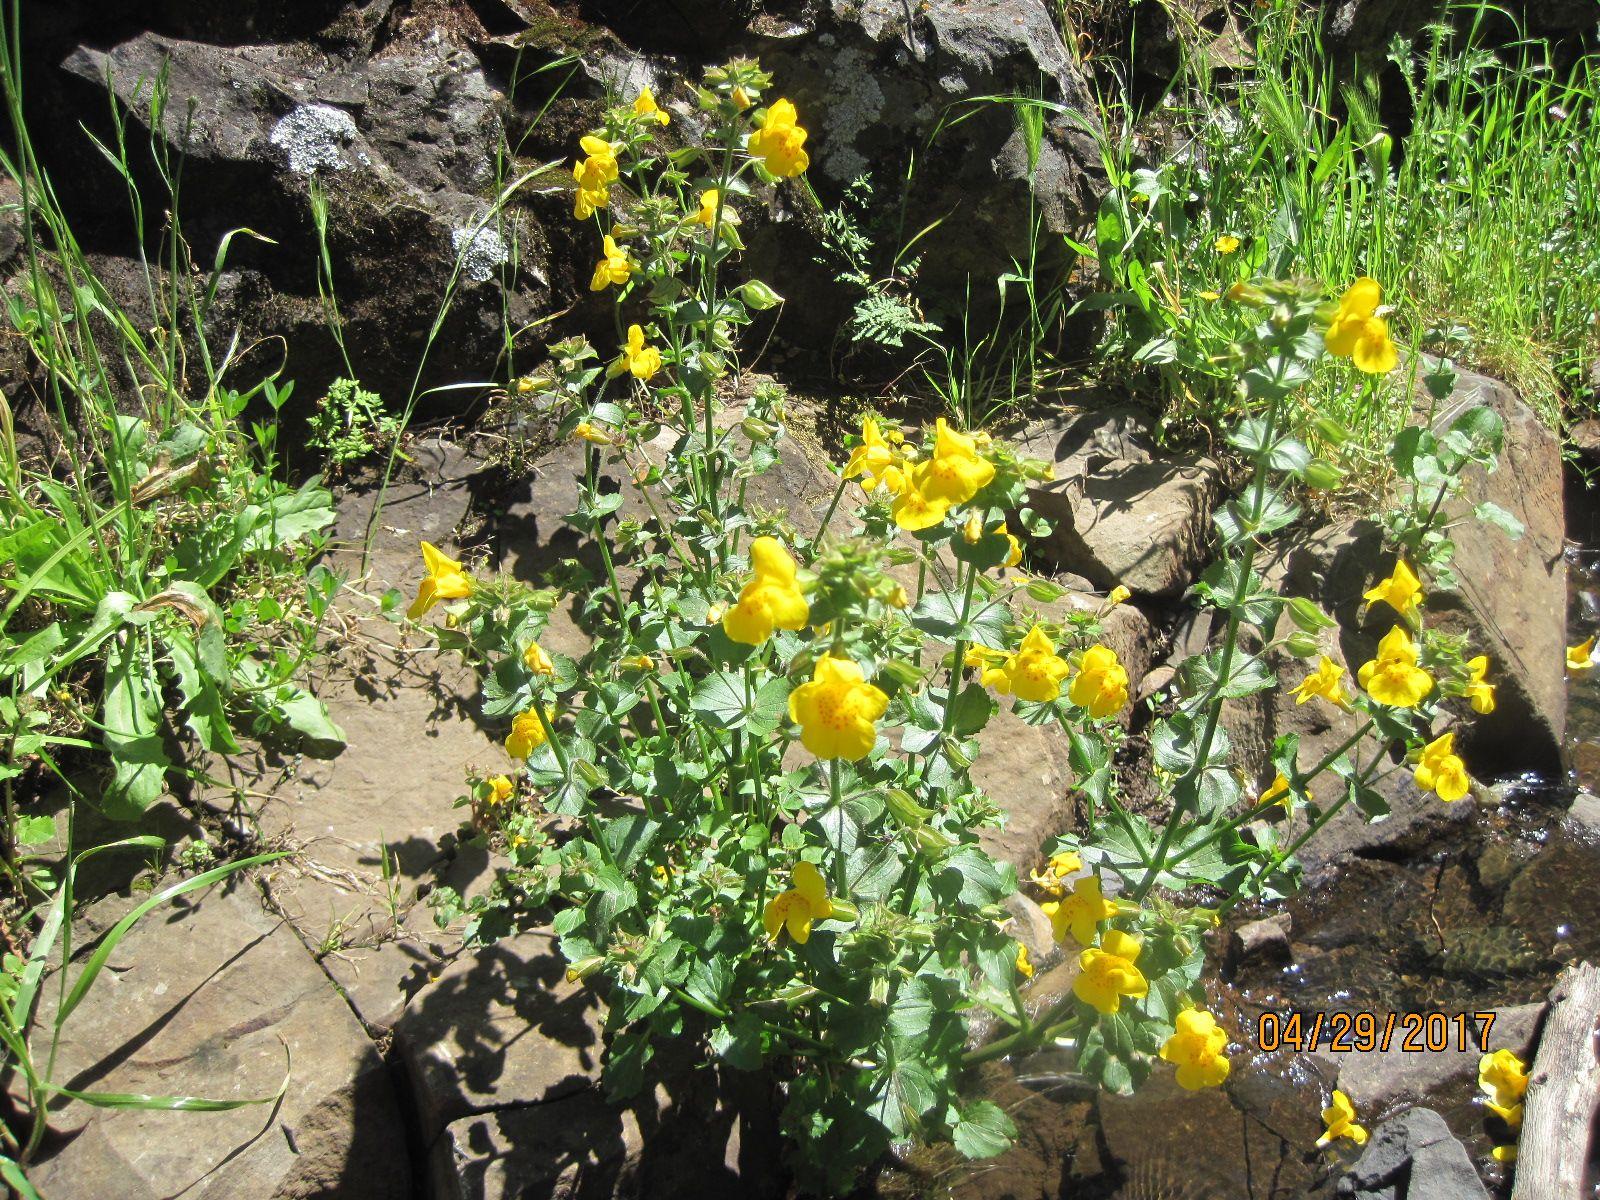 Mimulus Guttatus Yellow Monkey Flower Table Top Mountain Oroville